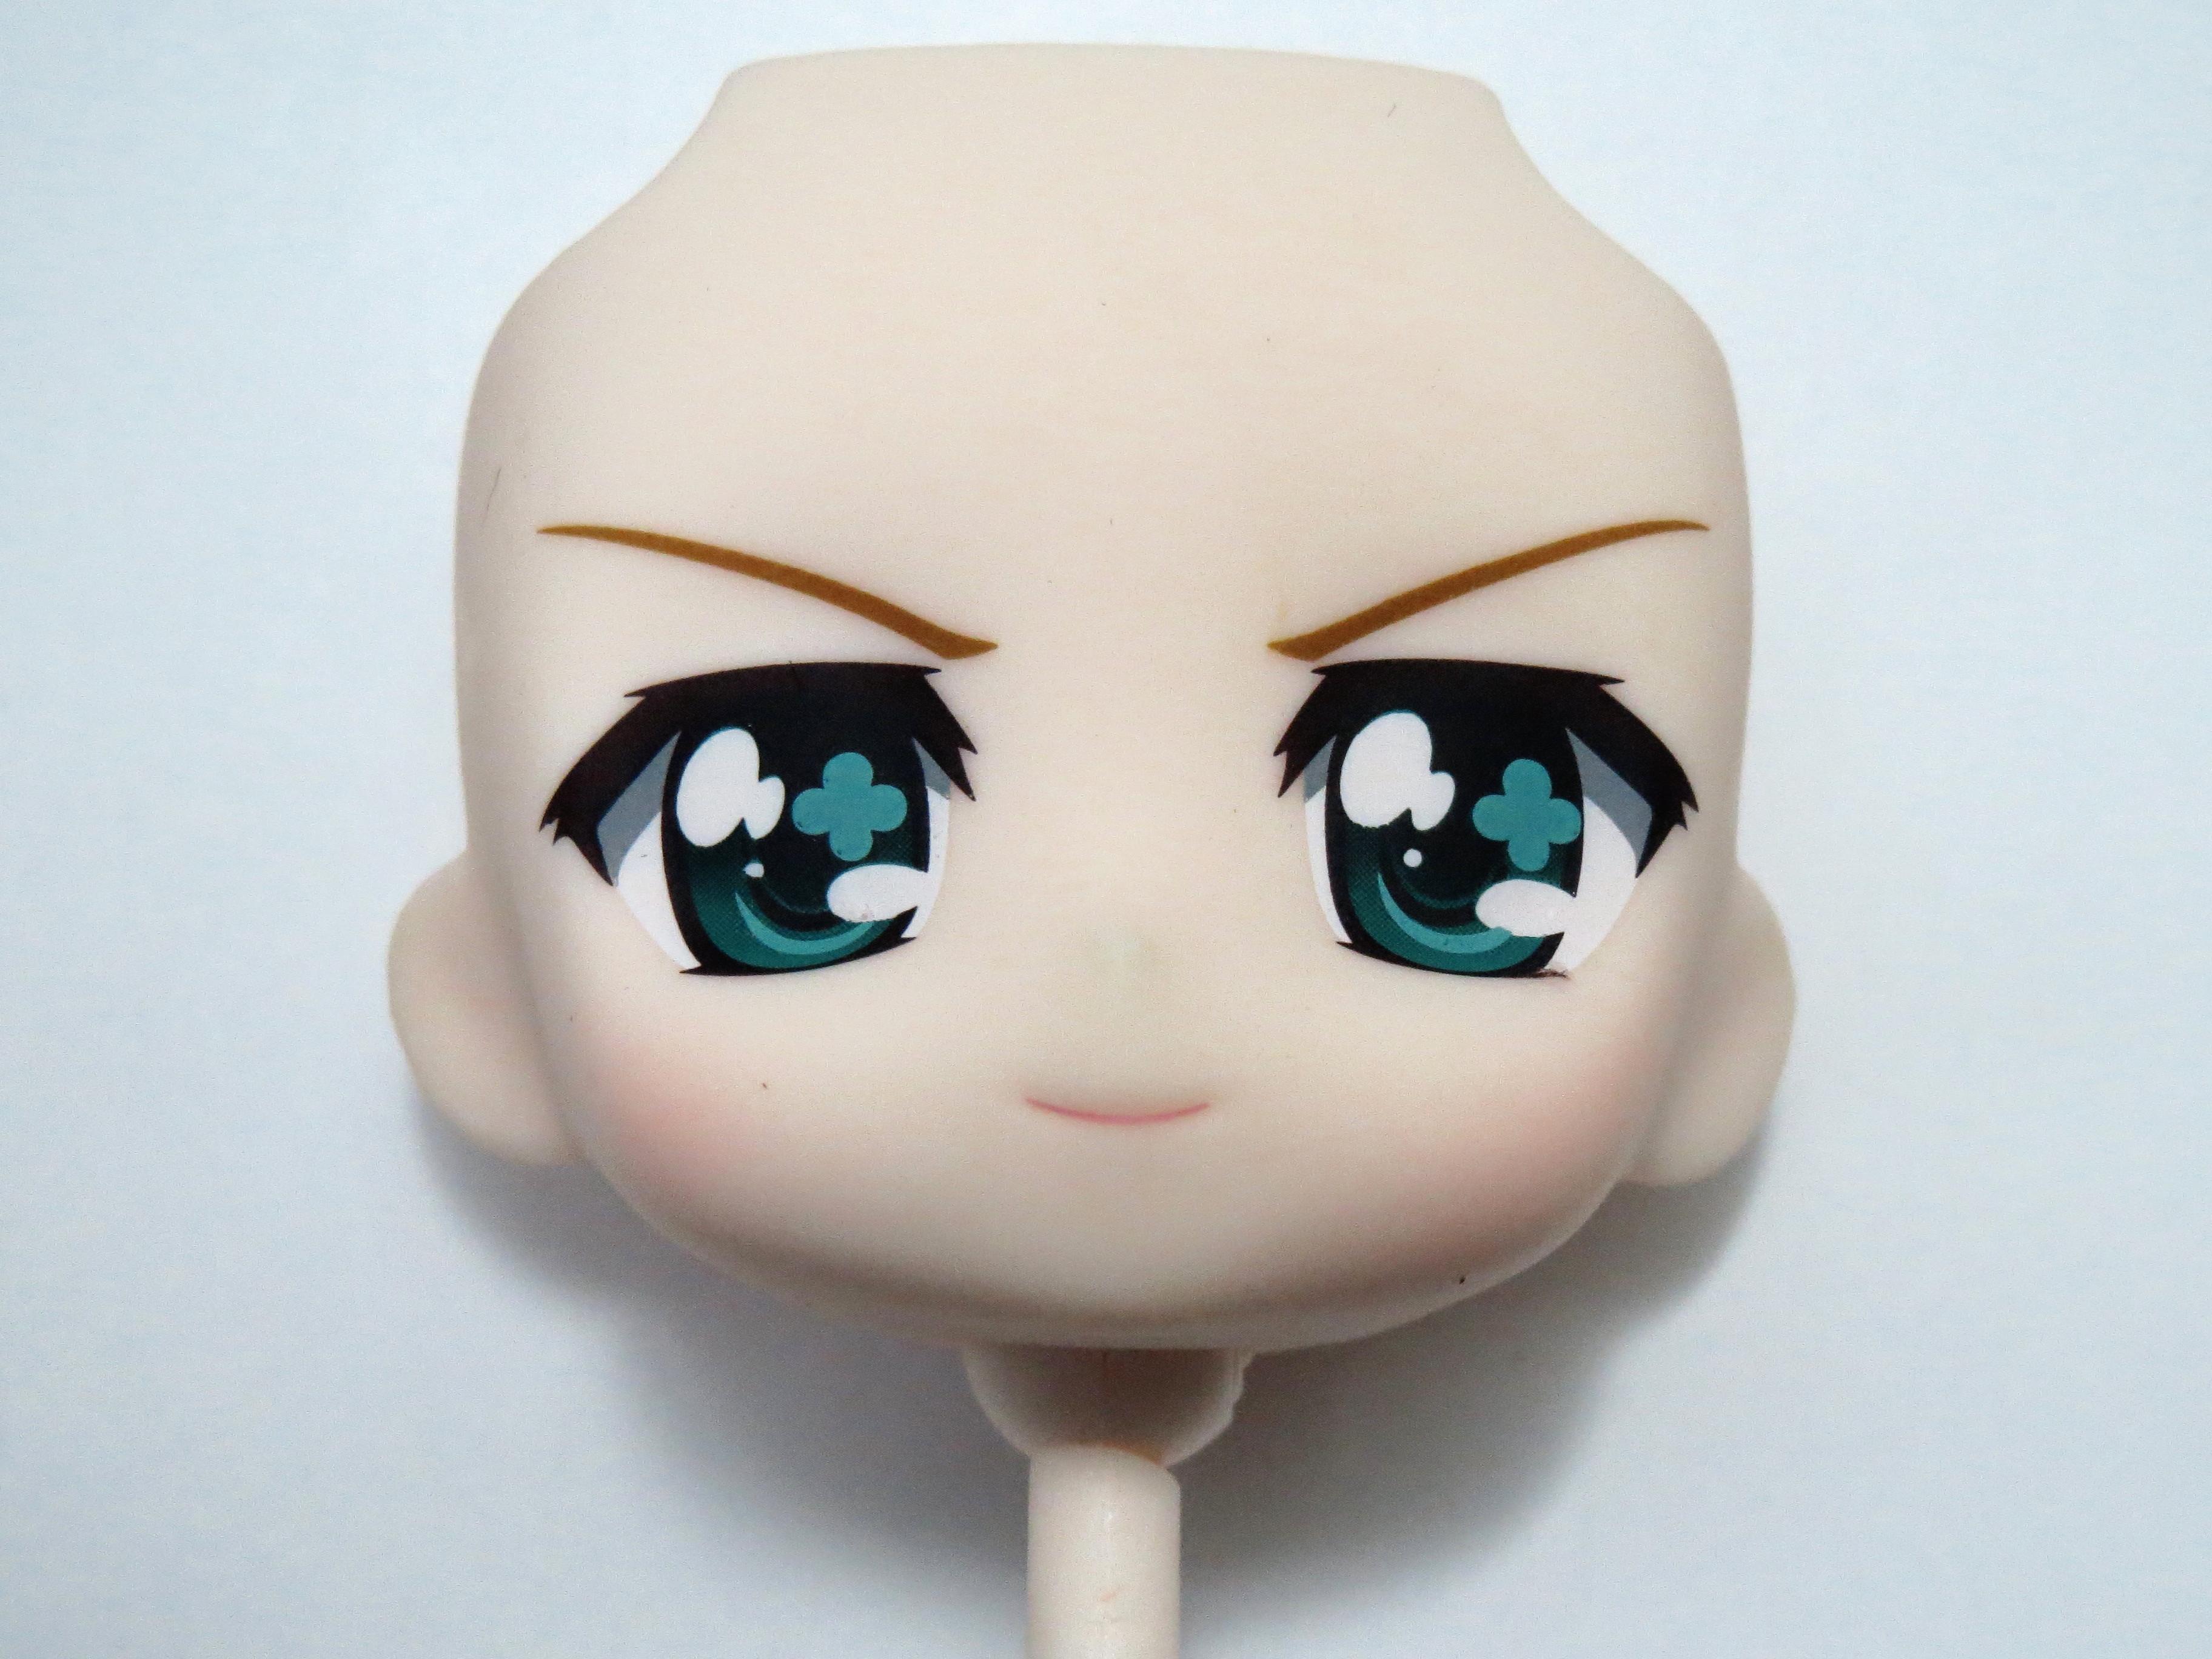 【SALE】【222】 コーデリア・グラウカ 顔パーツ キリリ顔 ねんどろいど